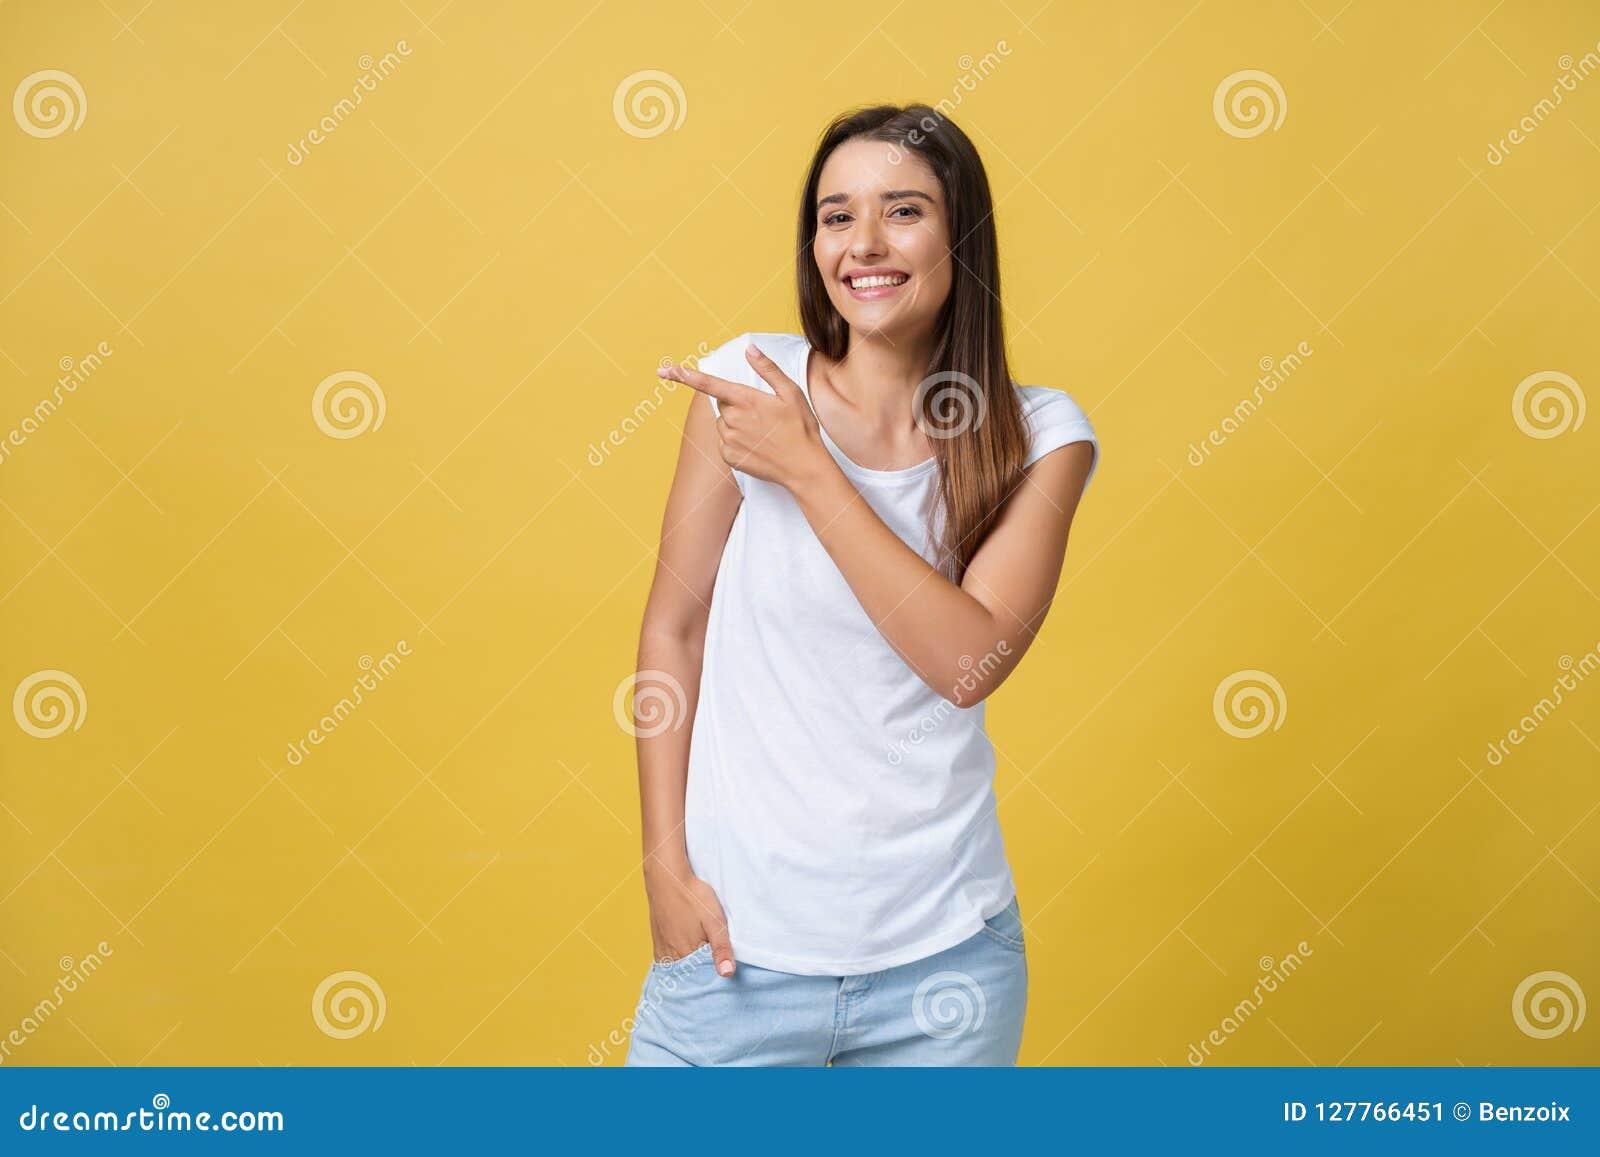 Σχεδιάγραμμα μιας γυναίκας που δείχνει στο διάστημα αντιγράφων για μια διαφήμιση που απομονώνεται σε ένα κίτρινο υπόβαθρο